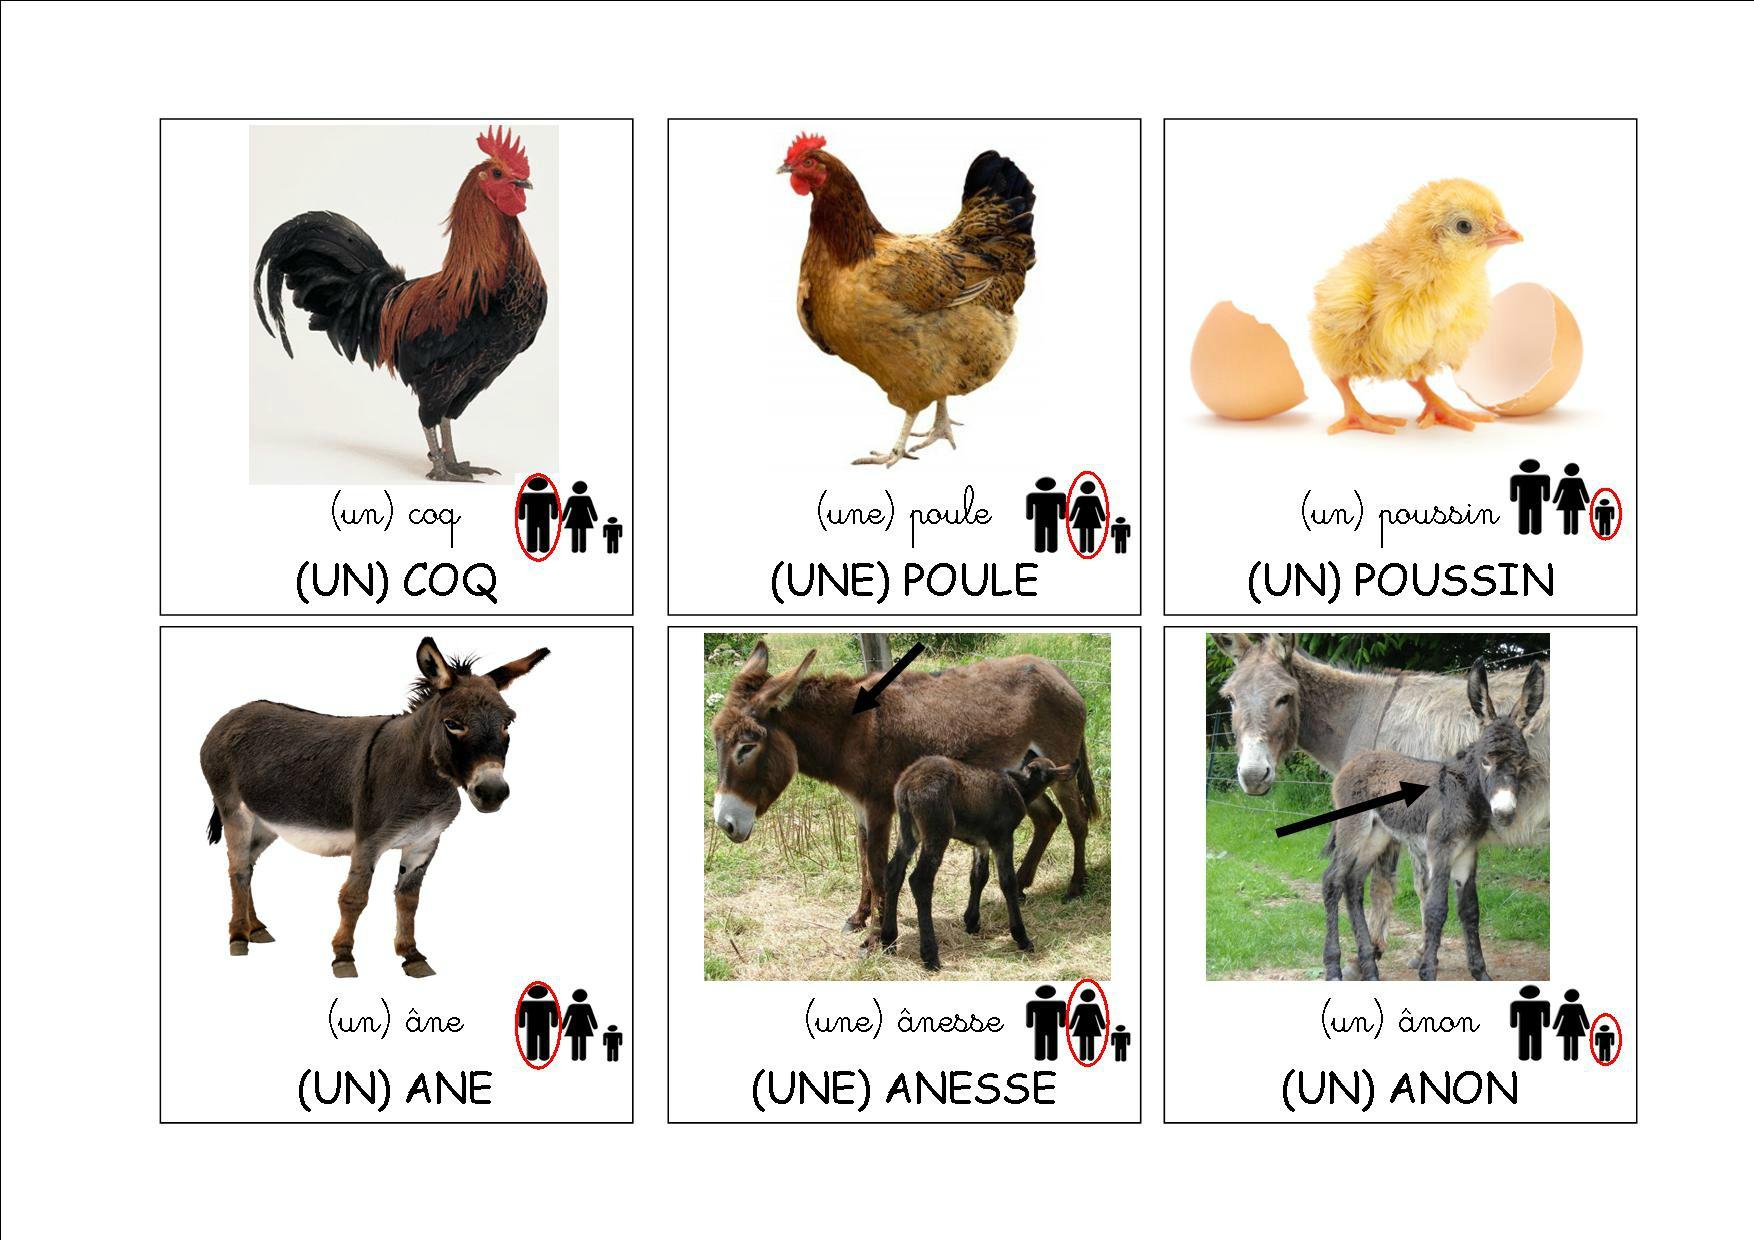 Loto Des Animaux De La Ferme - La Classe De Mamaicress tout Imagier Animaux De La Ferme